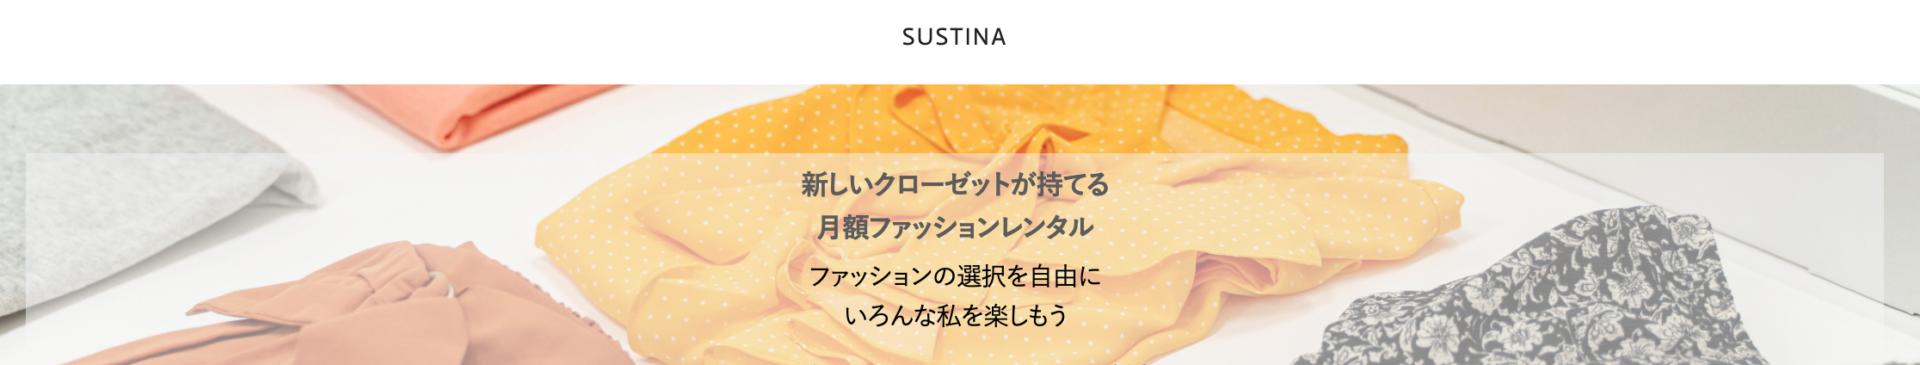 SUSTINA